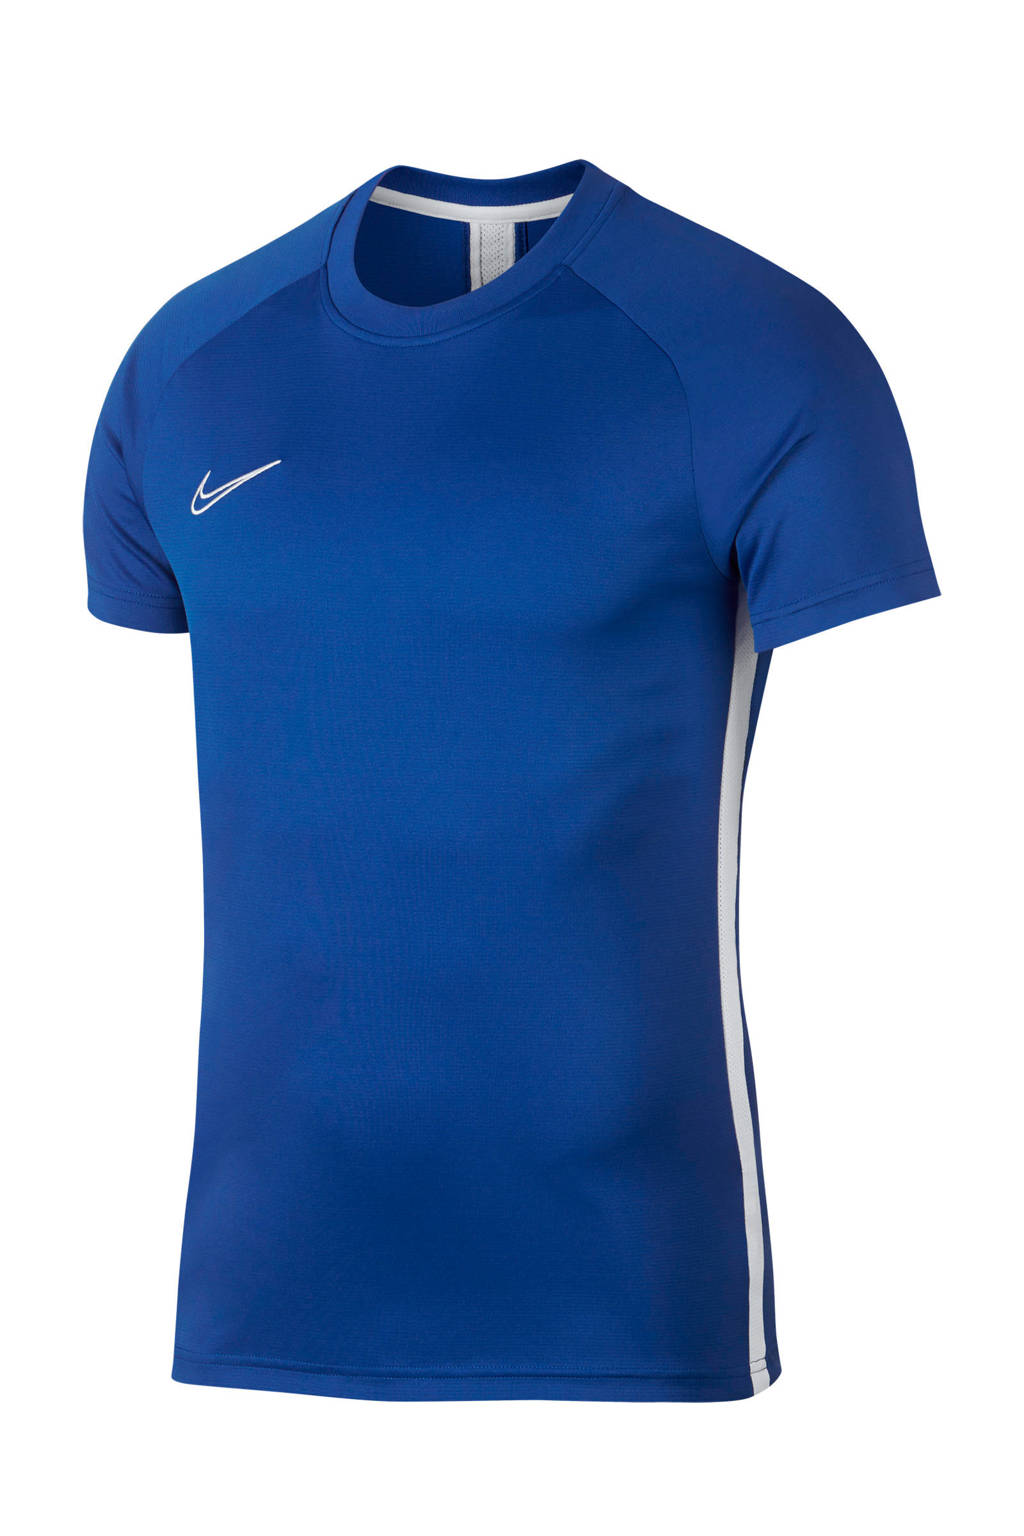 Nike   sport T-shirt blauw, Blauw